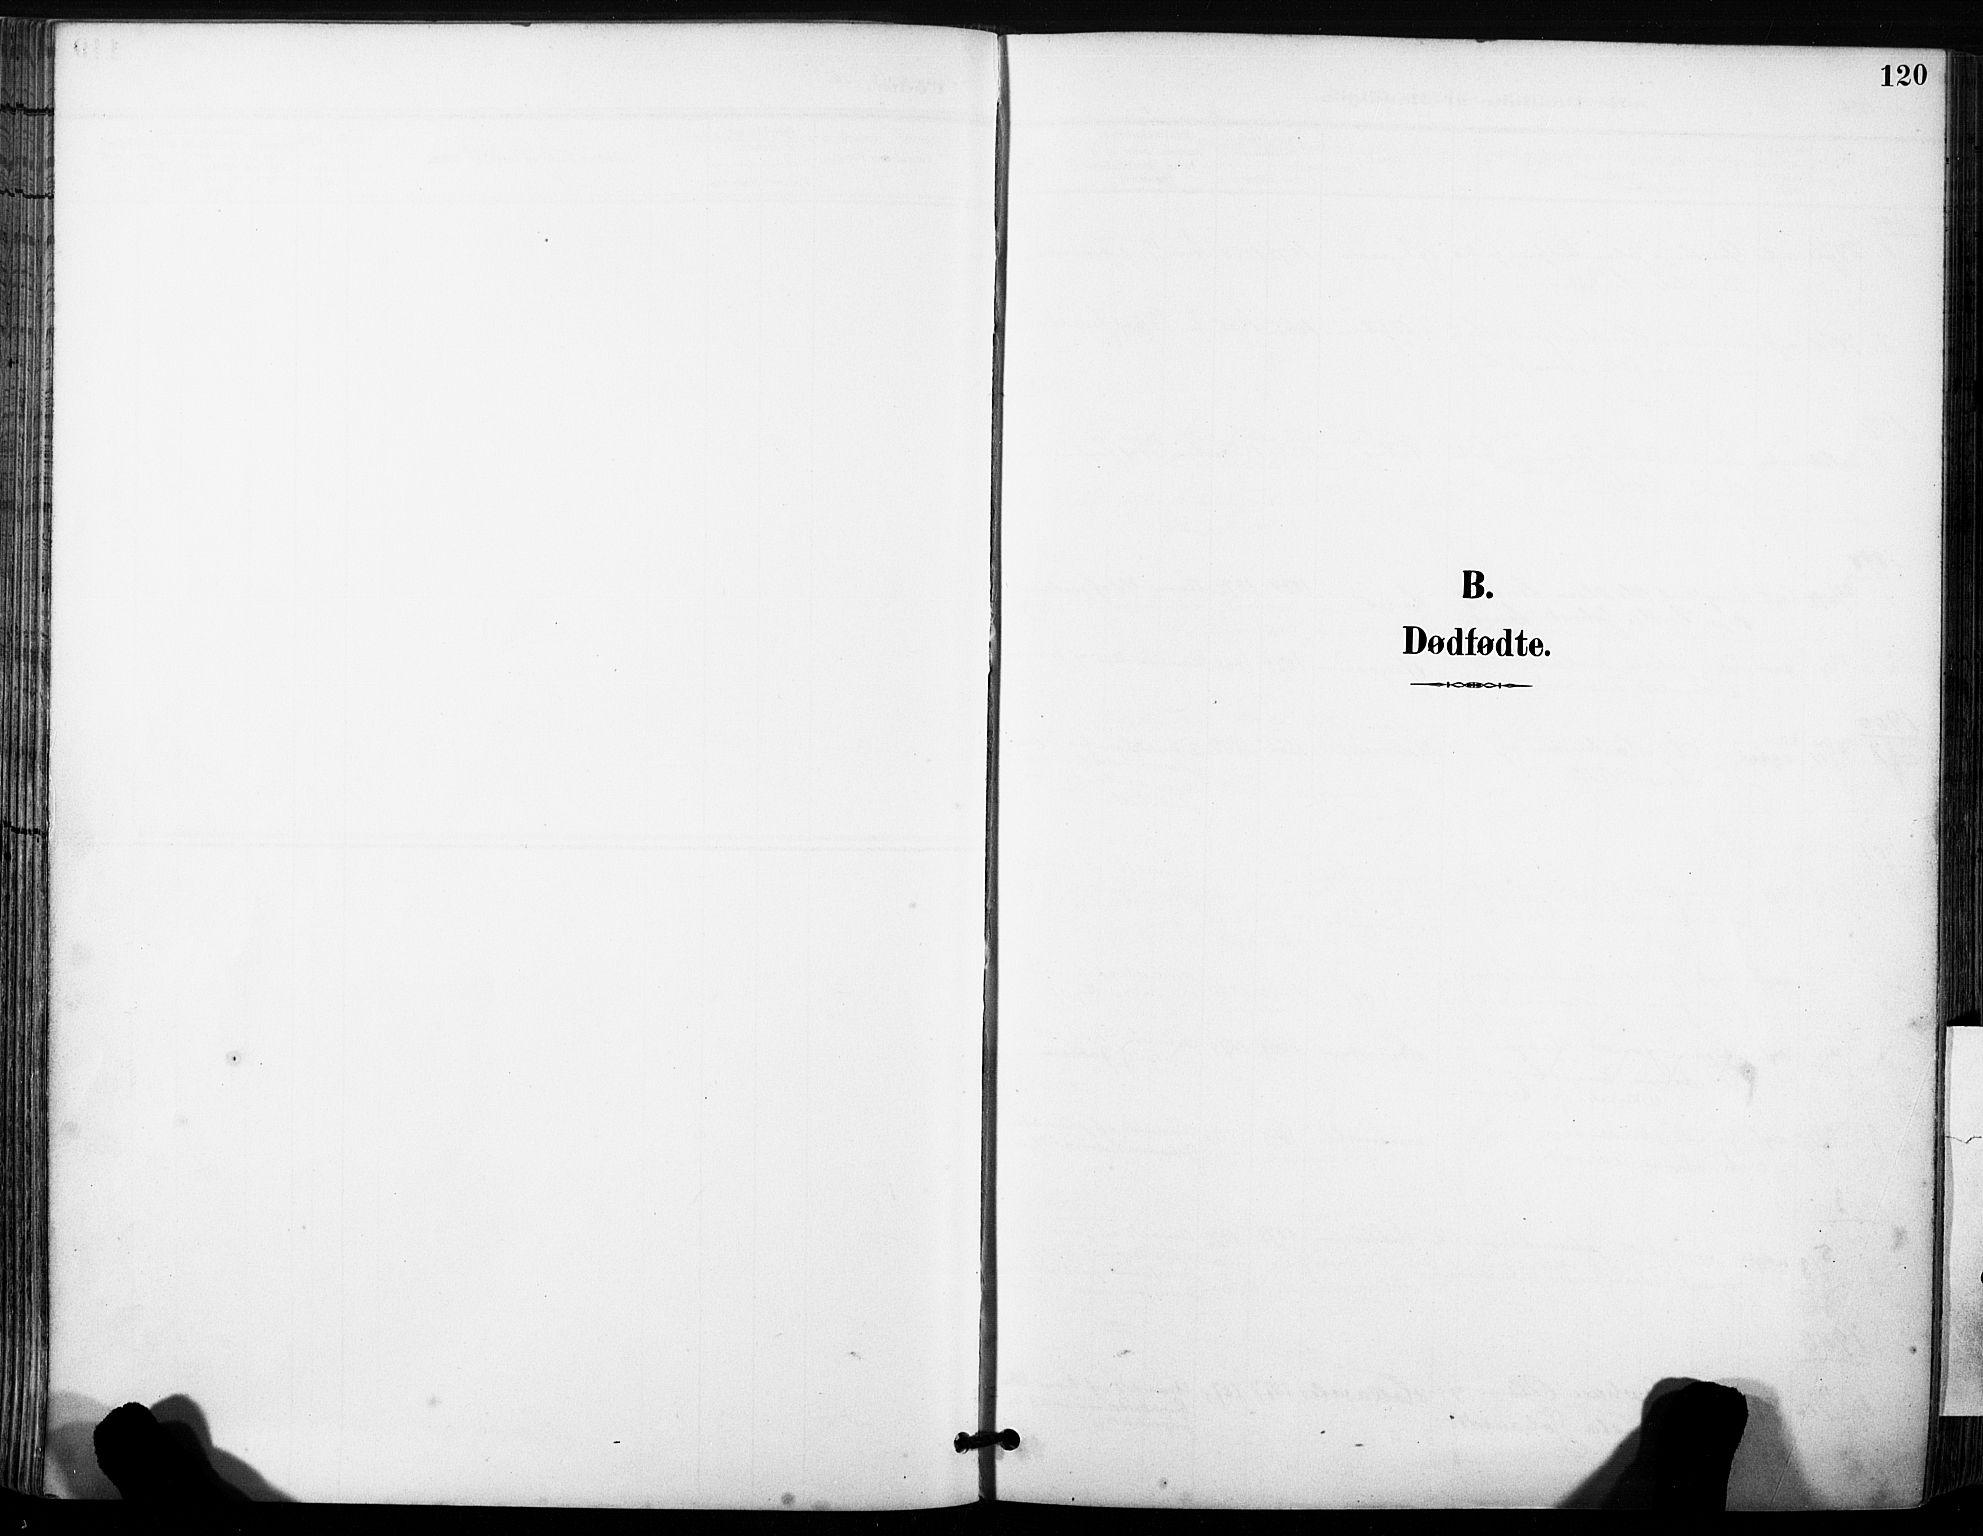 SAT, Ministerialprotokoller, klokkerbøker og fødselsregistre - Sør-Trøndelag, 630/L0497: Ministerialbok nr. 630A10, 1896-1910, s. 120